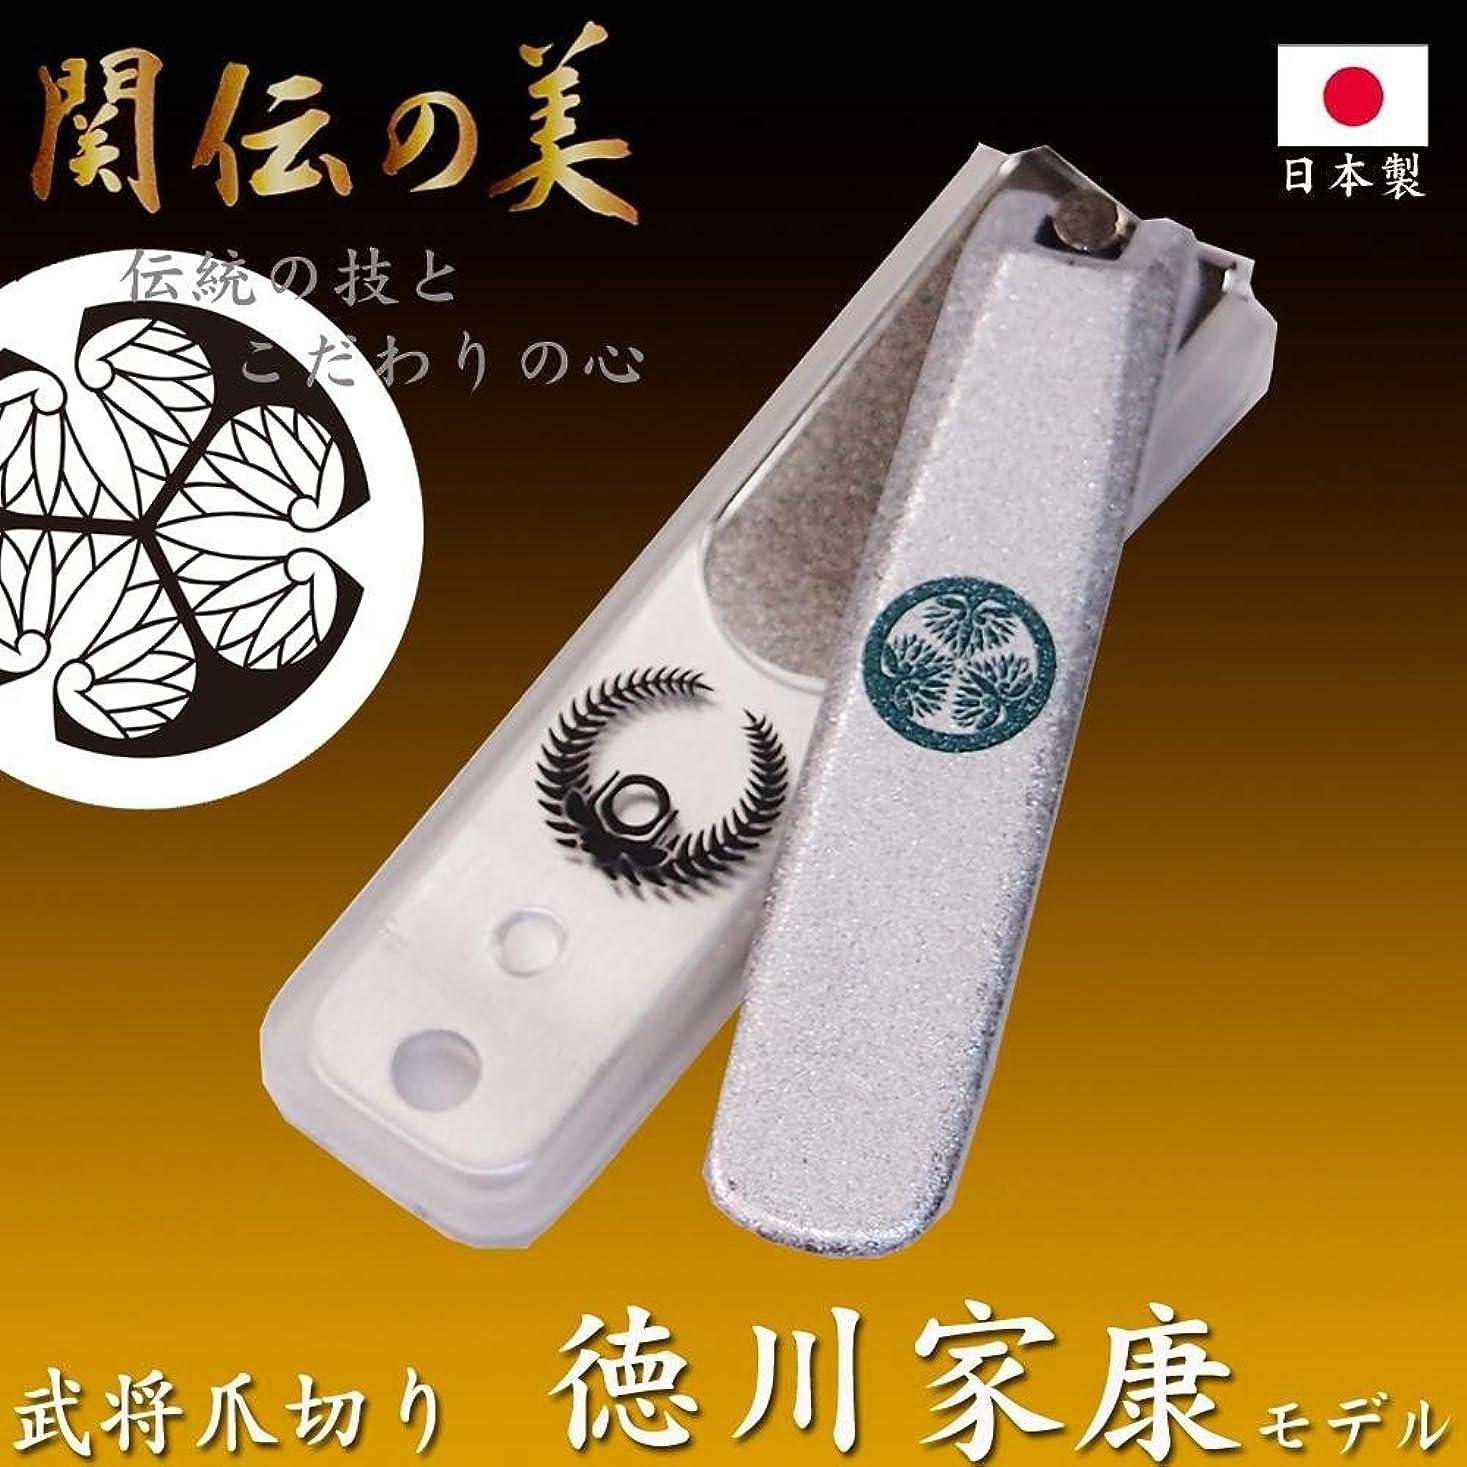 NIKKEN ニッケン刃物 関伝の美 武将爪切り 徳川家康モデル シルバー NL-15I